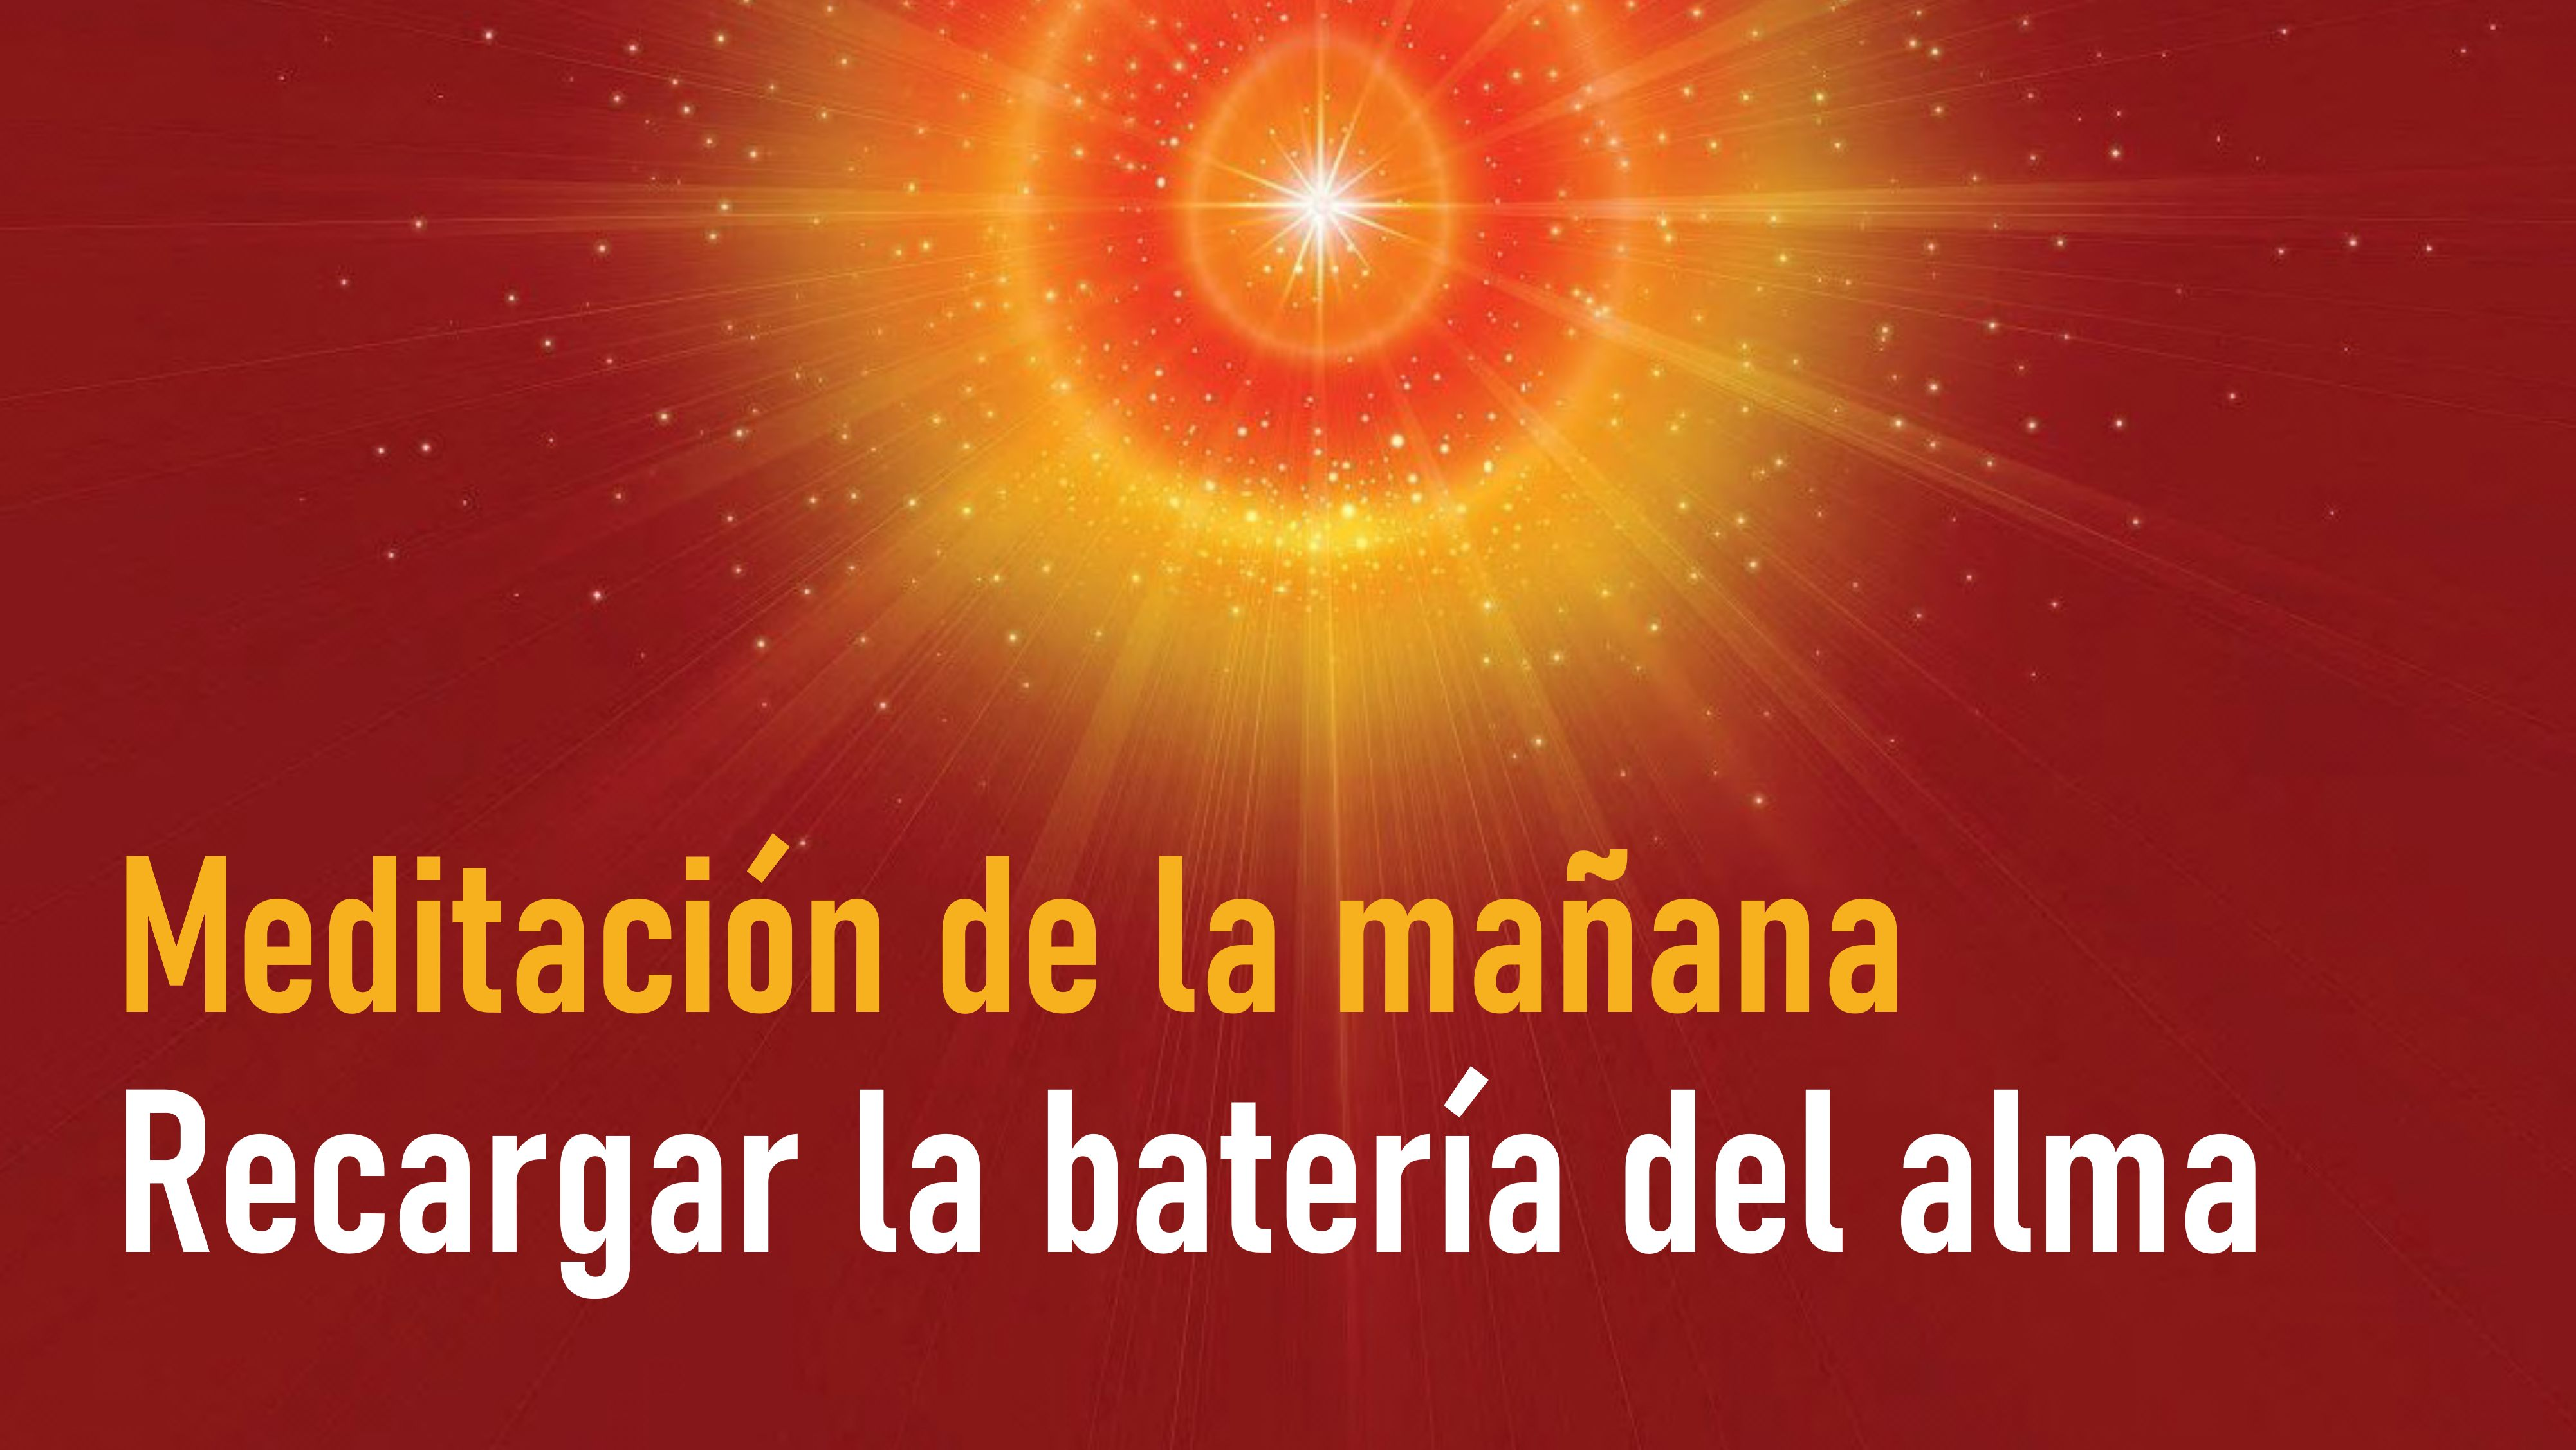 Meditación de la mañana: Recargar la batería del alma (10 Septiembre 2020)